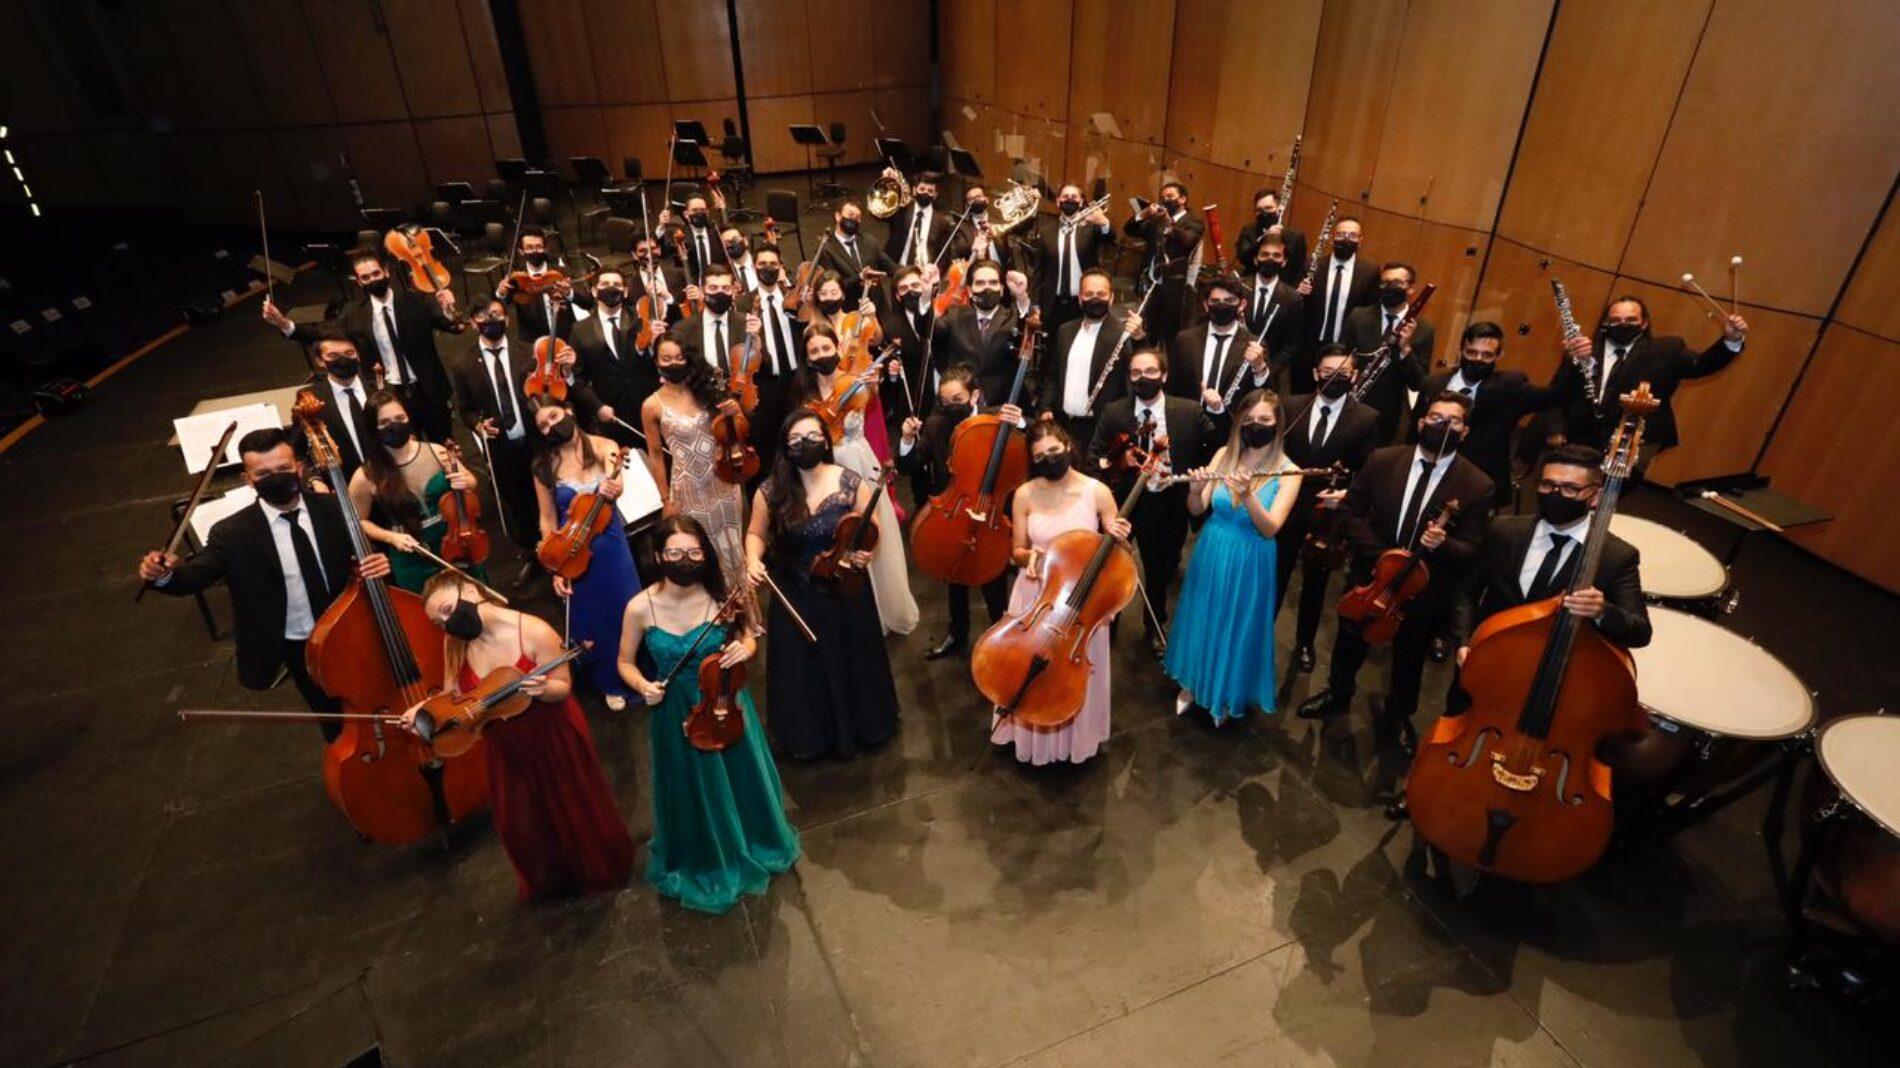 Este domingo: Concierto de la Orquesta Filarmónica de Bogotá en la Catedral de Sal